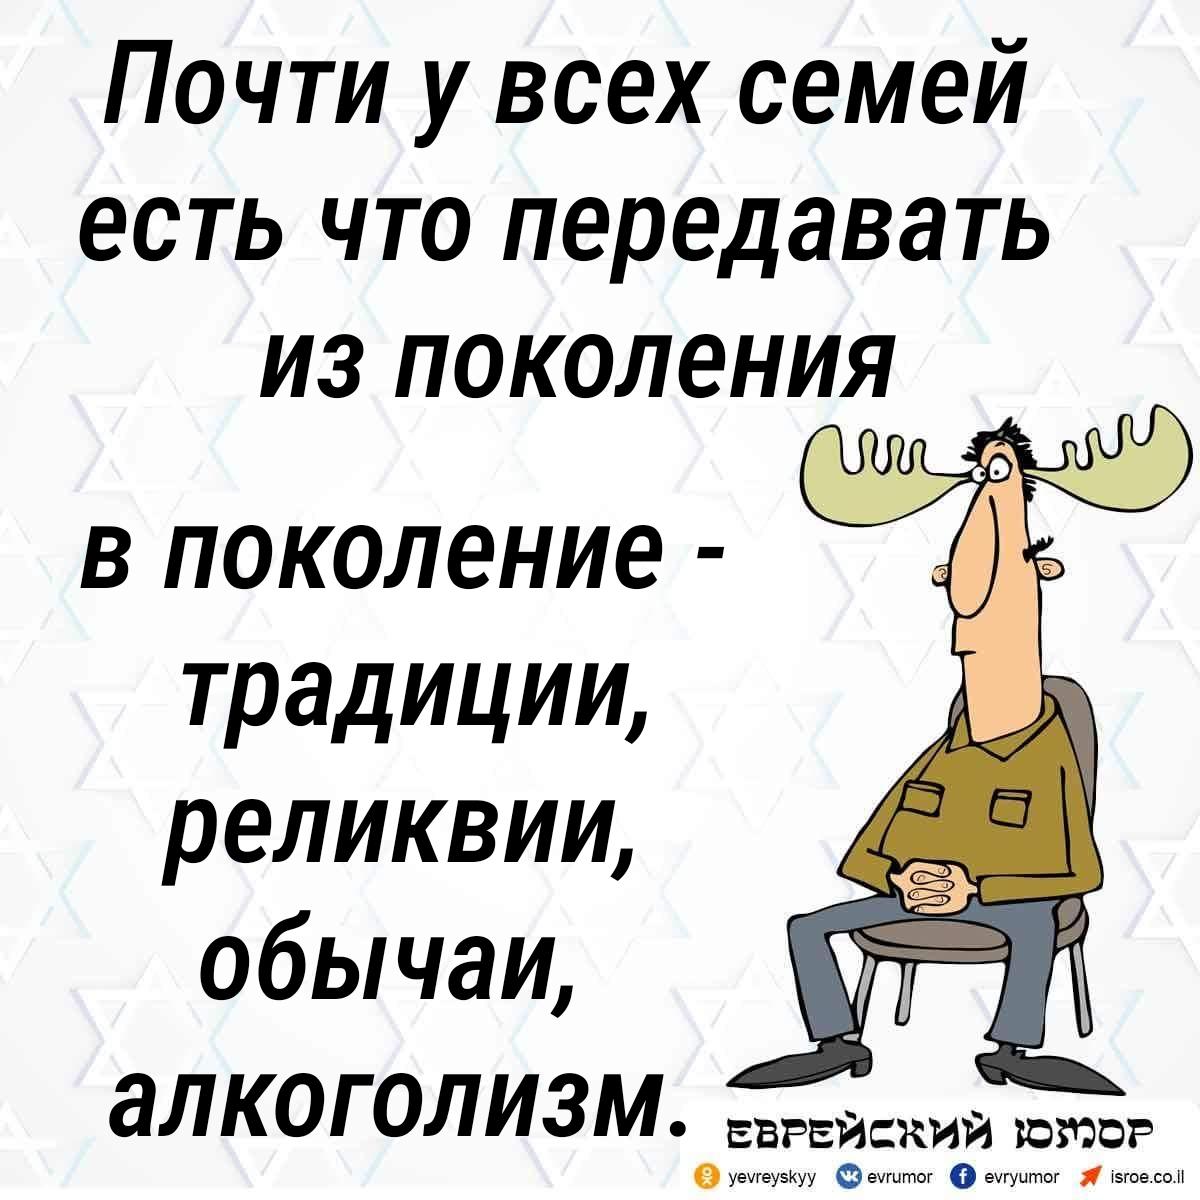 Еврейский юмор. Одесский анекдот. Традиции